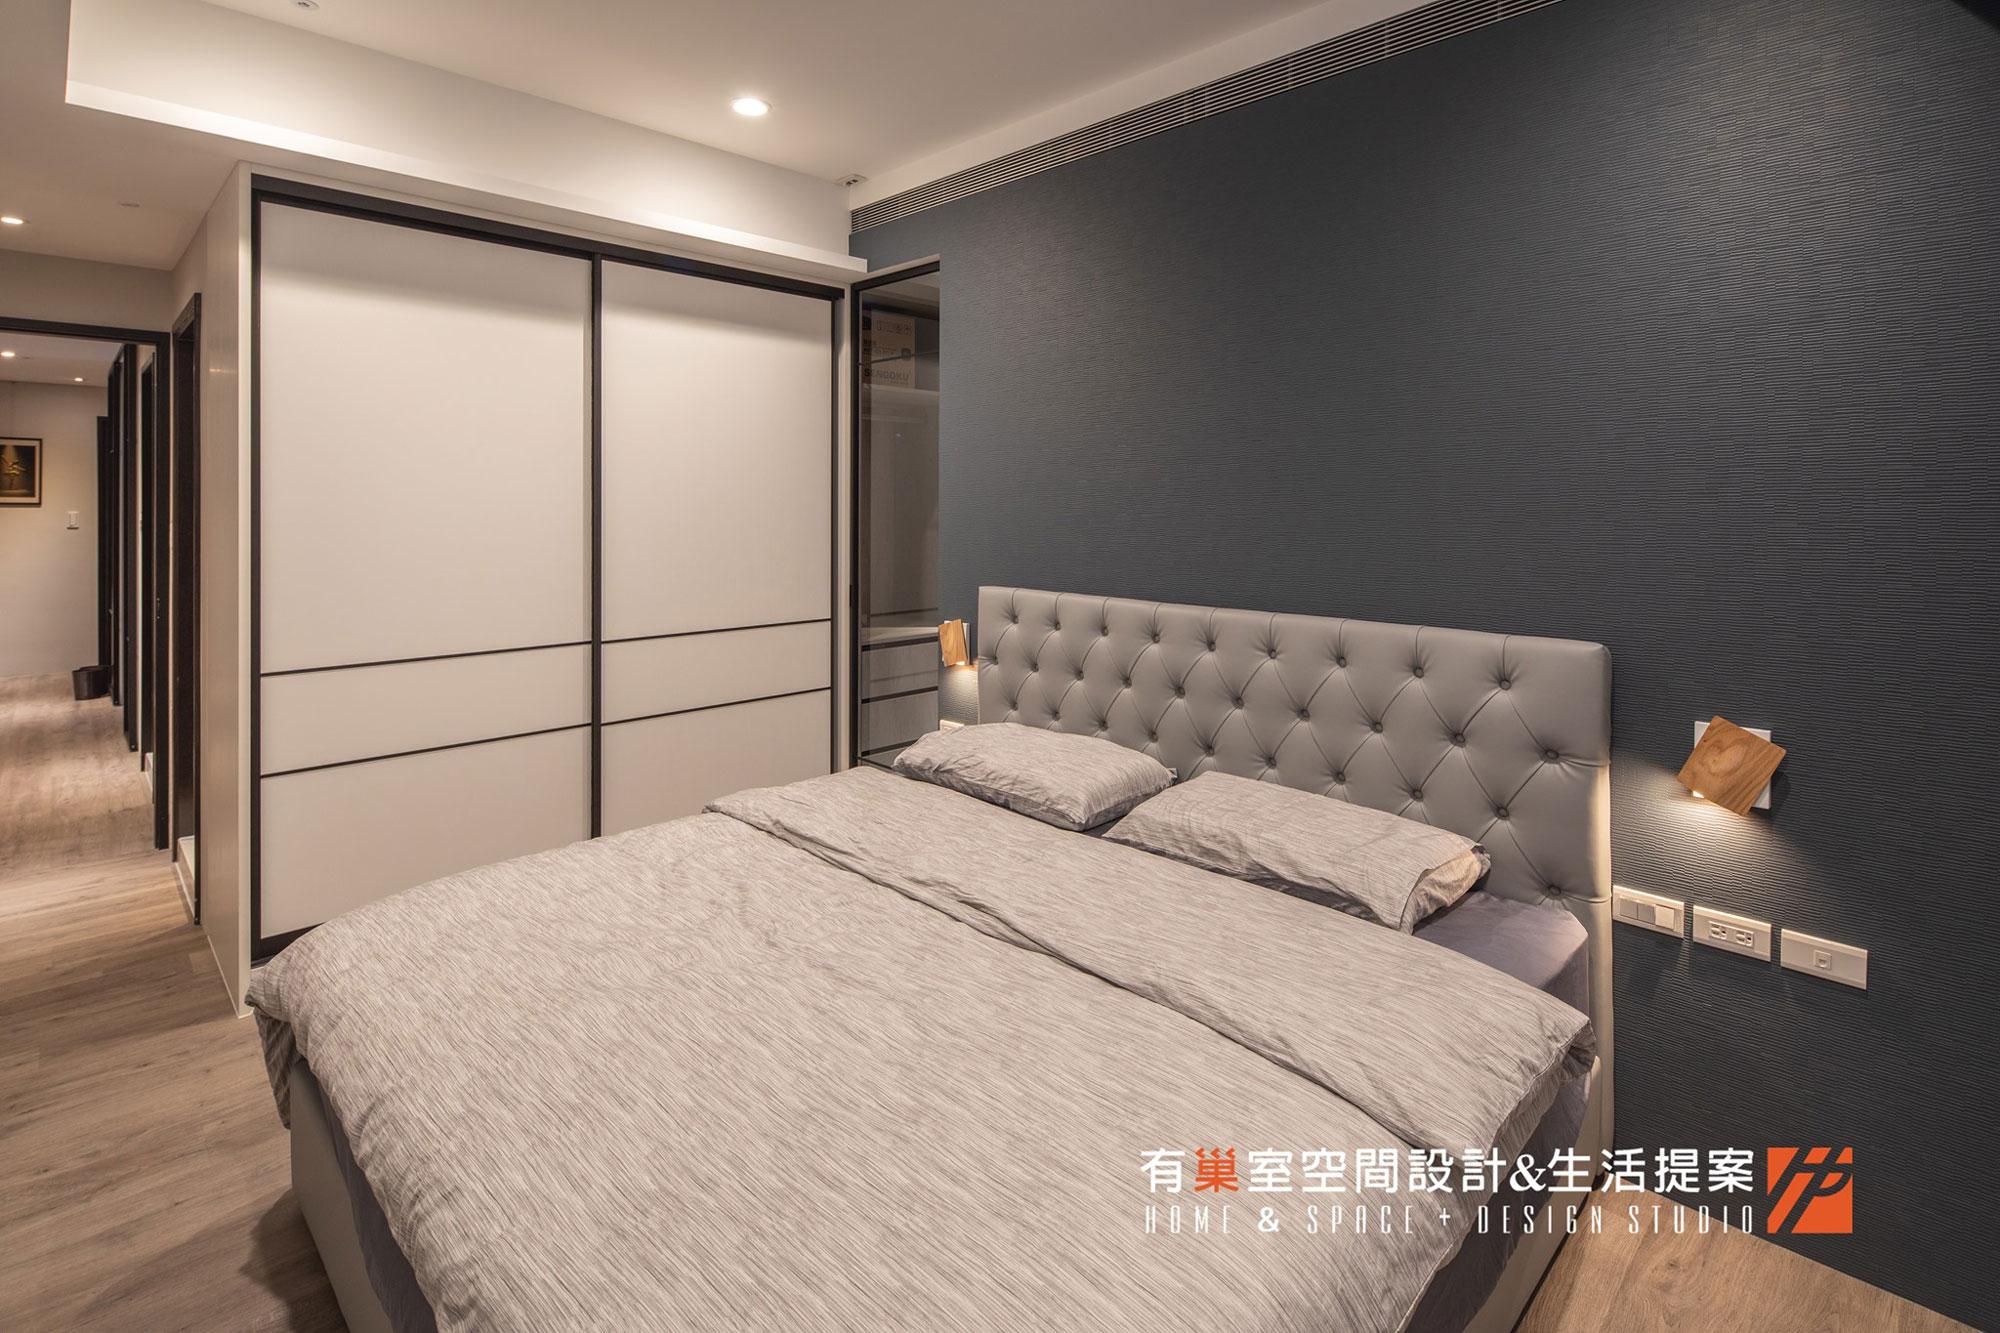 20191028有巢室空間設計-片光壁燈01